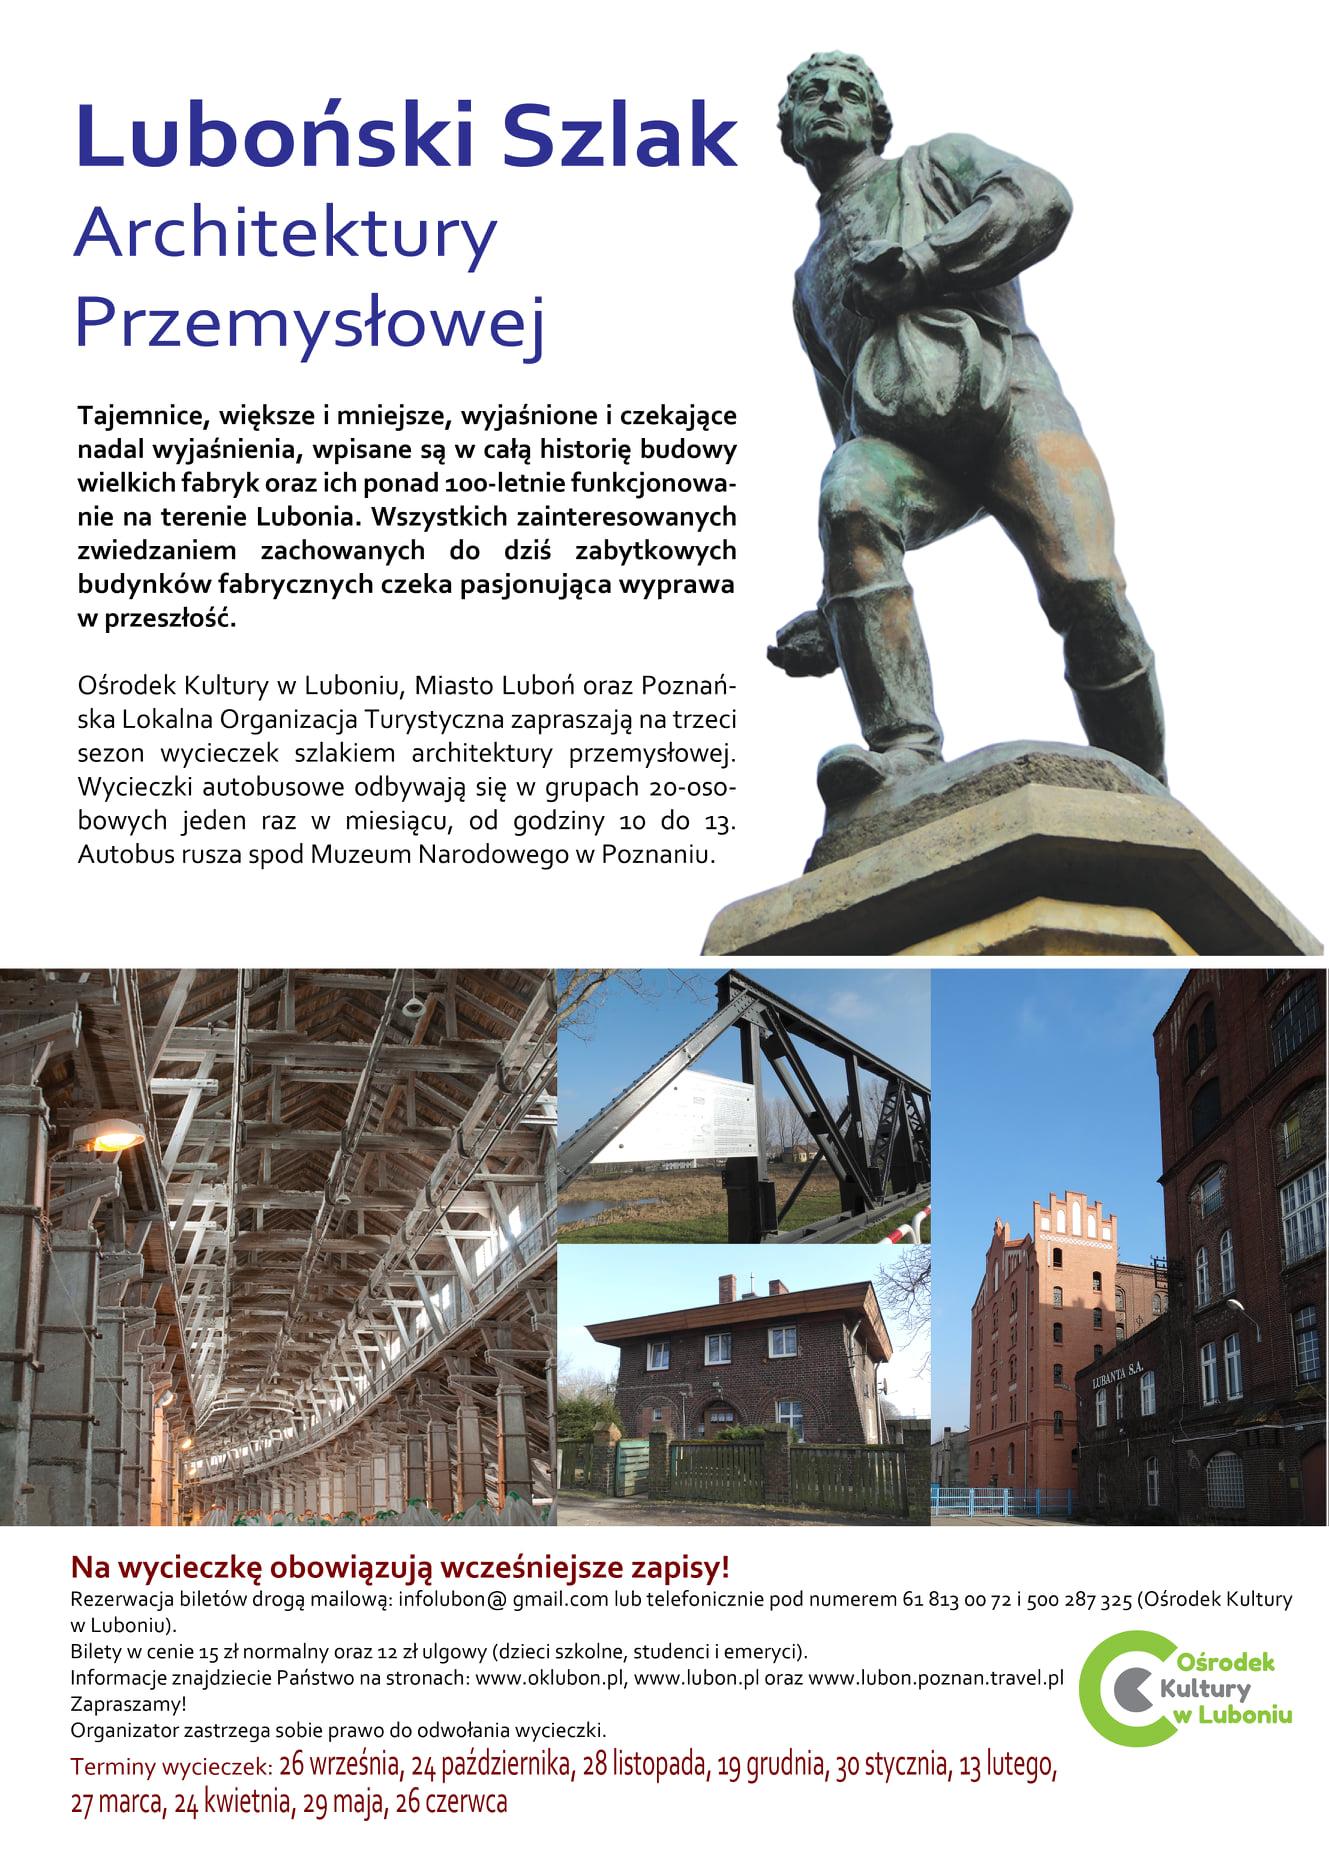 Luboński Szlak Architektury Przemysłowej